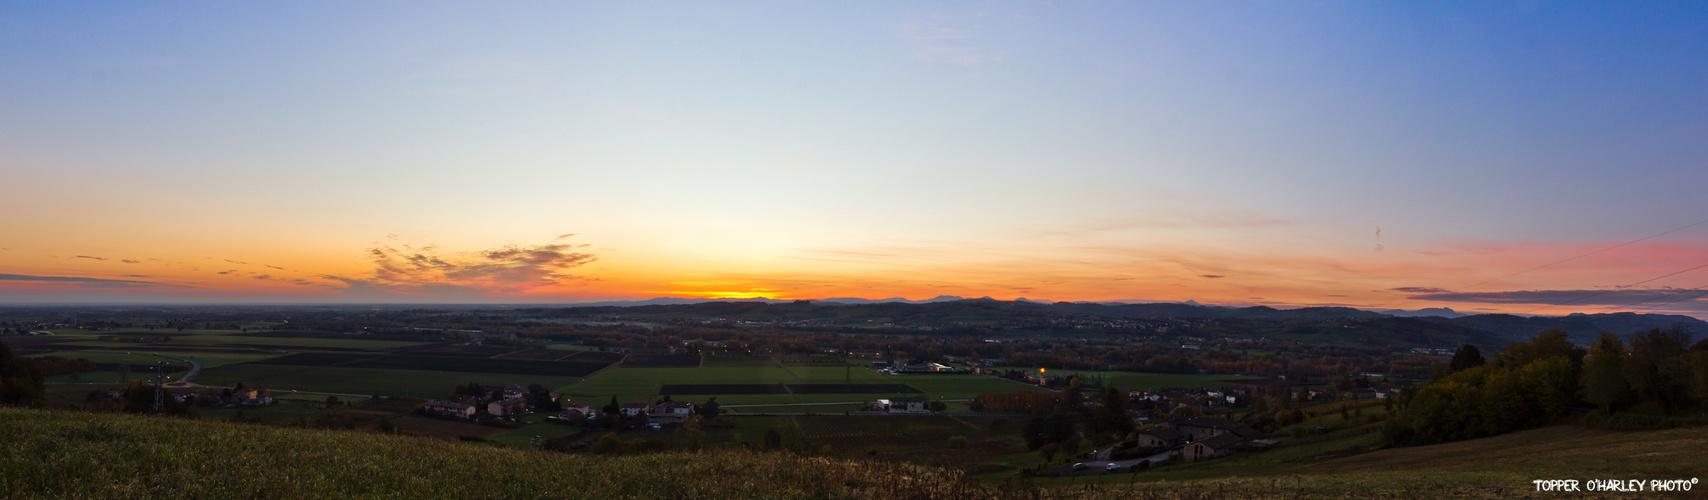 Sunrise - Torrechiara